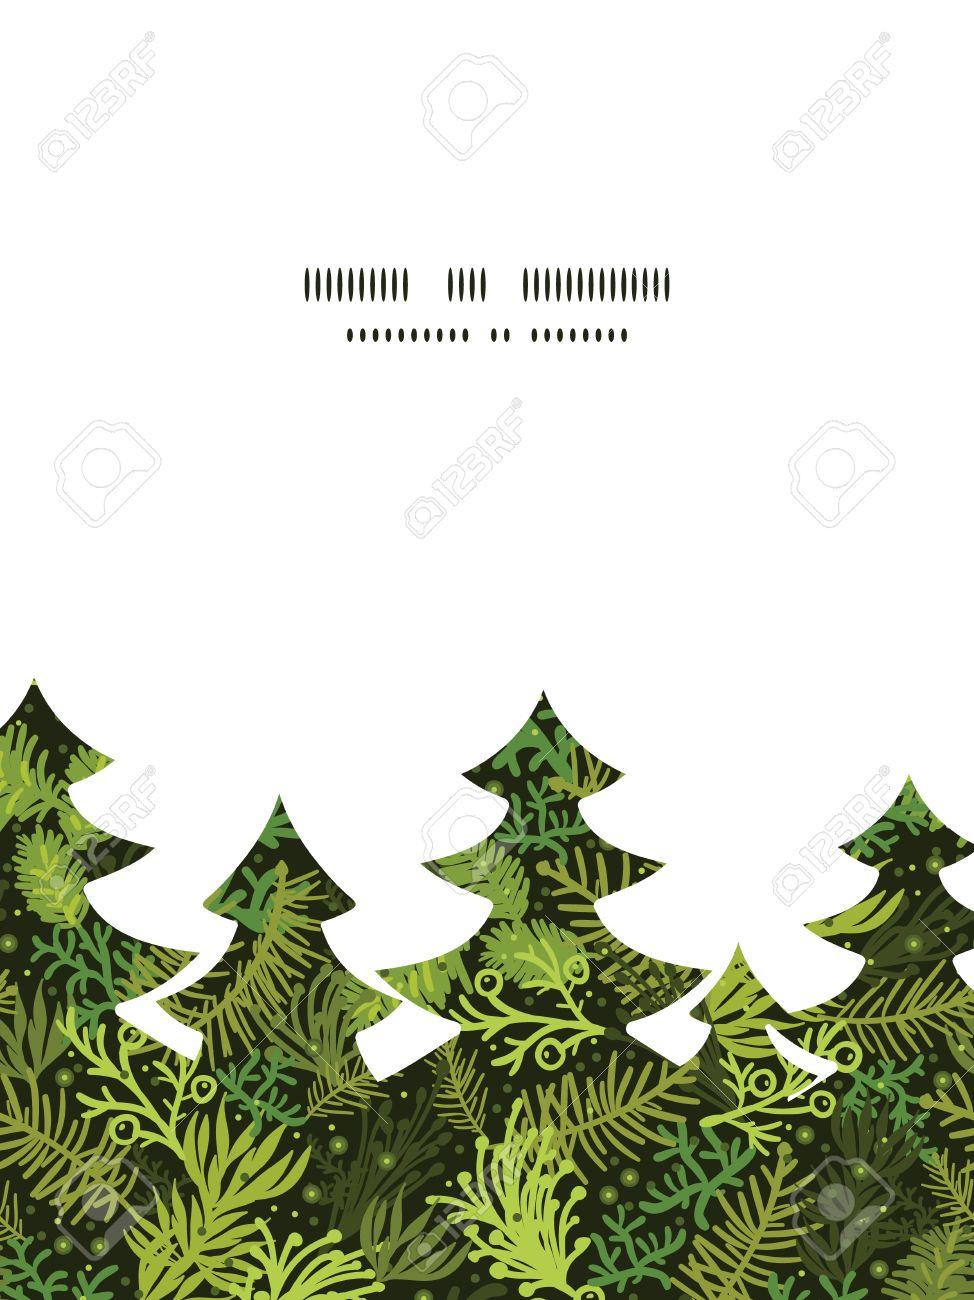 Vector Immergrüner Weihnachtsbaum Weihnachtsbaum Silhouette Muster ...